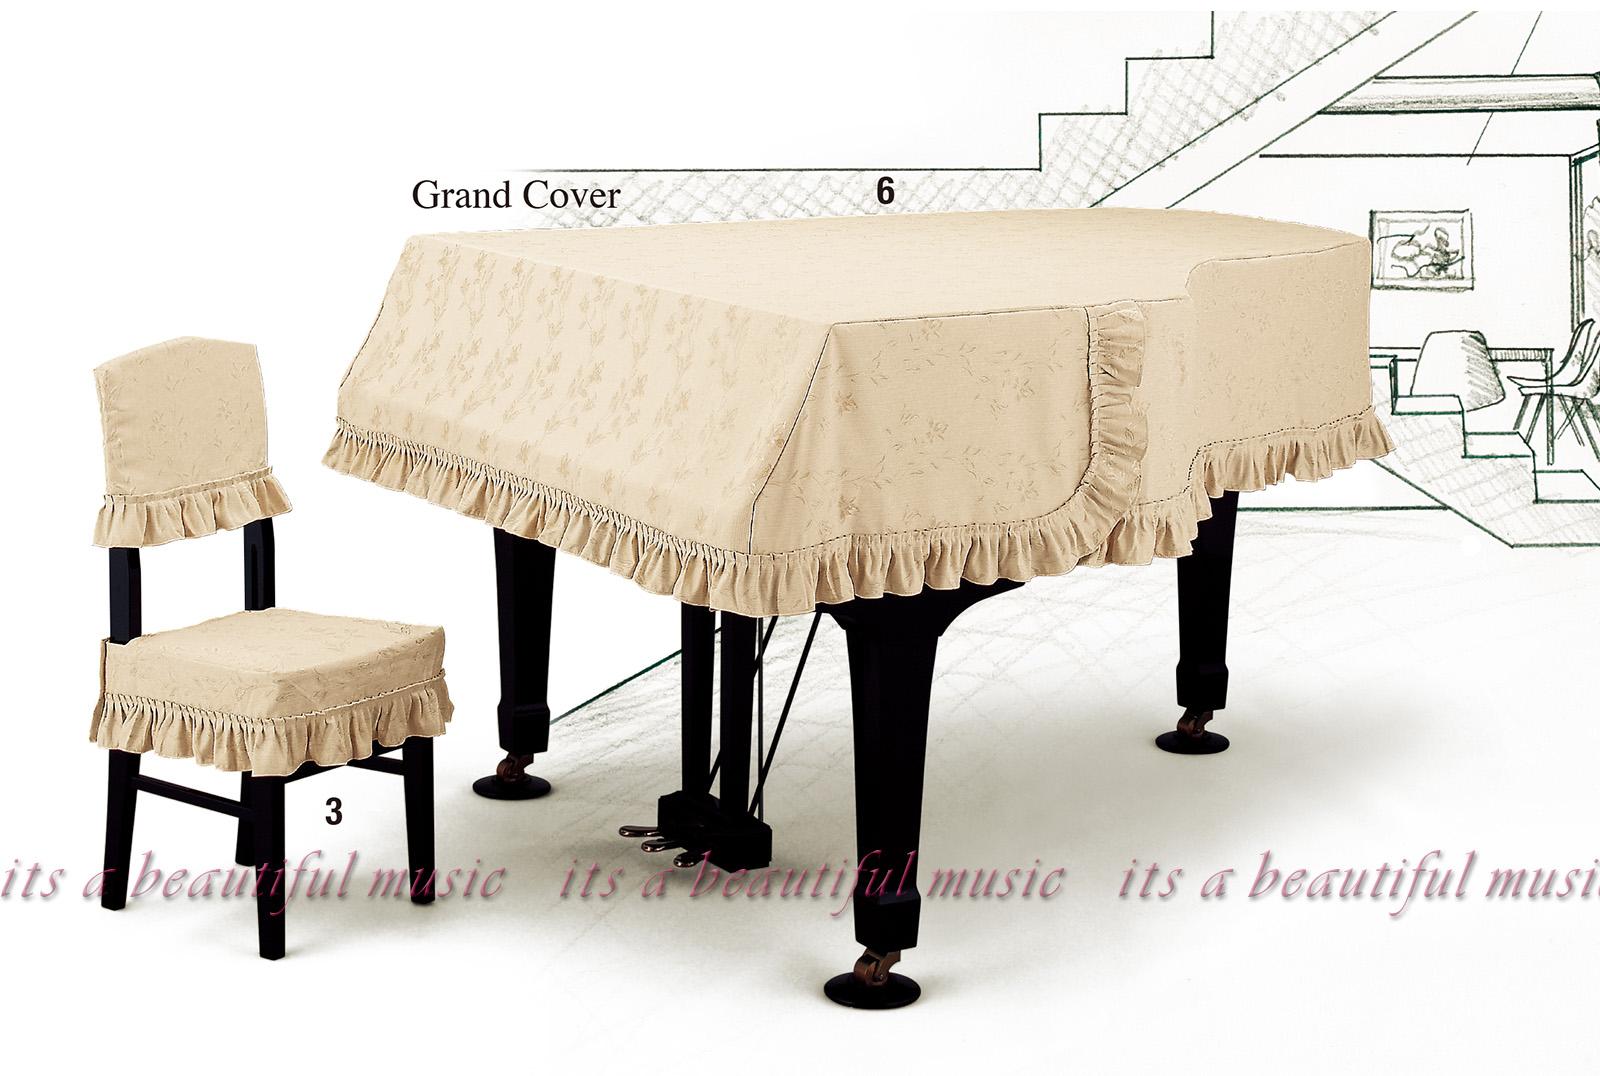 選びやすい商品配列、素材感が伝わる高詳細画像にリニューアル!有名3メーカー最新ピアノカバーをご紹介! 【its】レビューでもれなく高級クロス同梱!グランドピアノカバー アルプスG-EX「淡いベージュ生地に光沢のある小花柄」【奥行150~160cm未満/A1/GB1K/GM12/G-156等】(アルプスEXシリーズ)